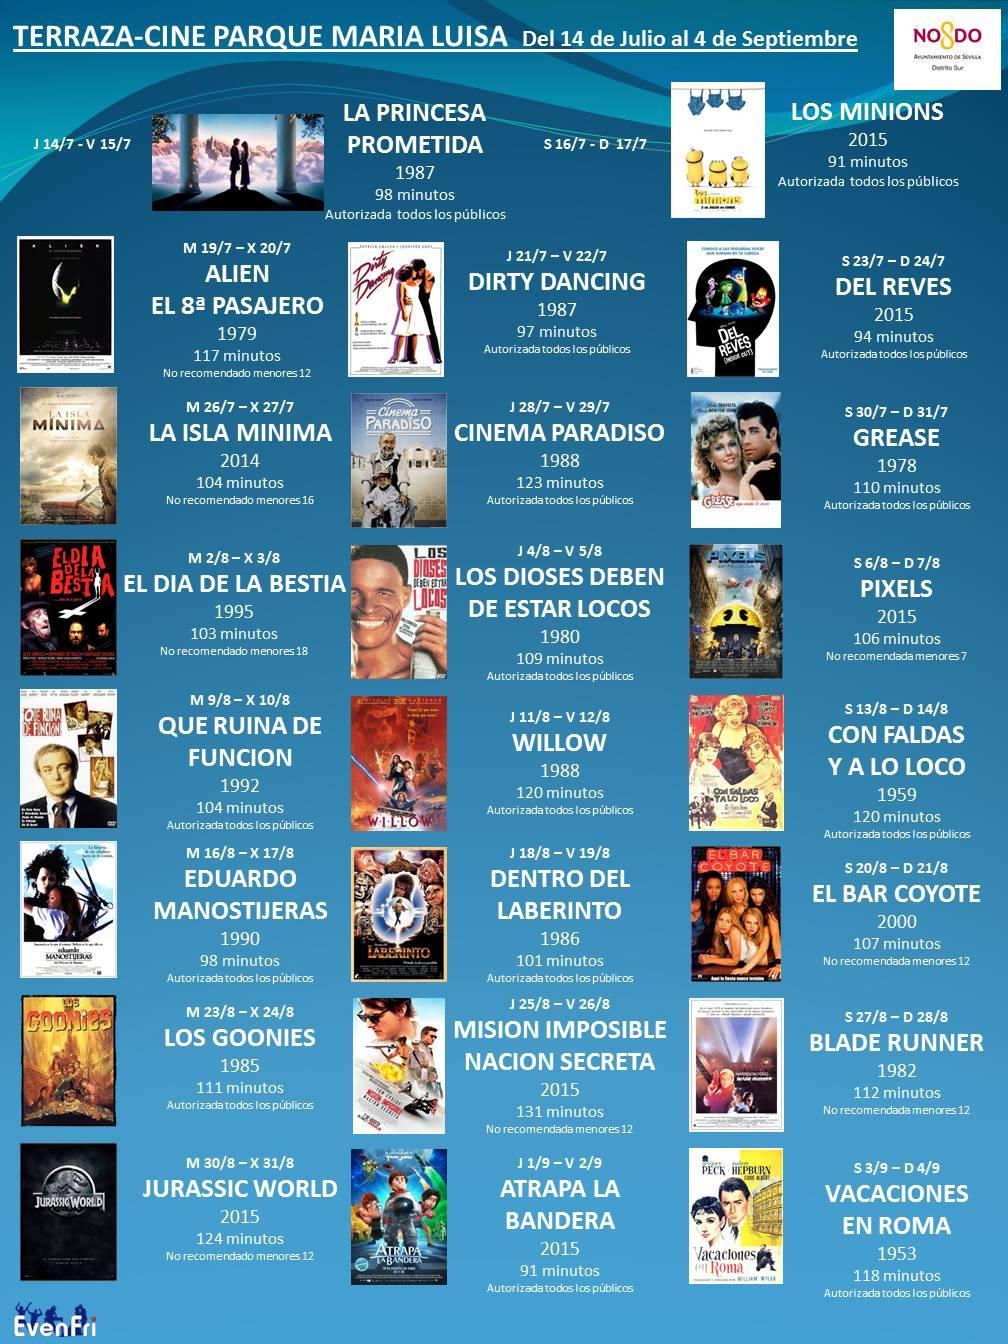 Terraza Parque María Luisa movie program